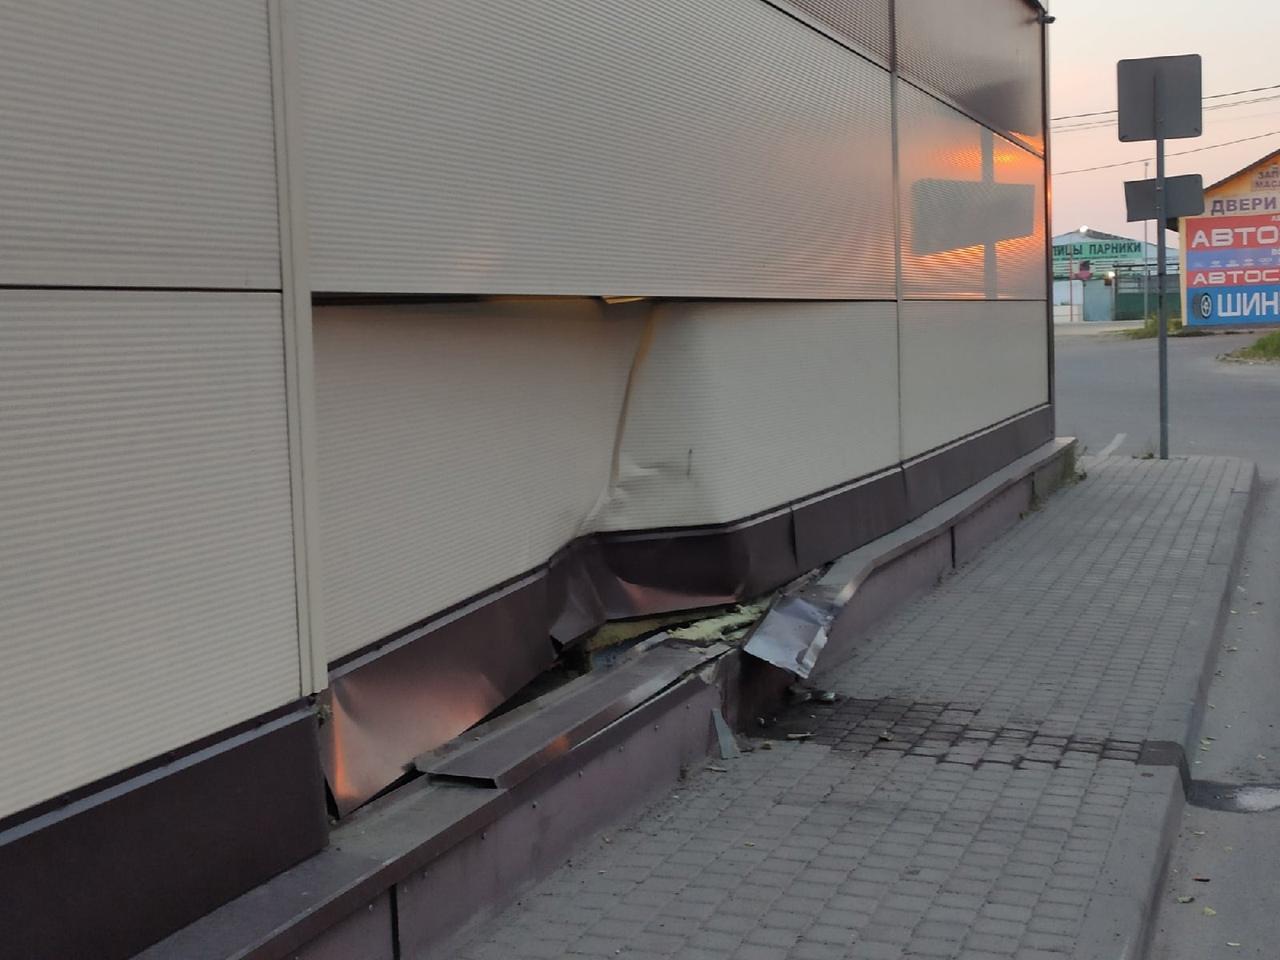 """В городе Отрадное водитель врезался в стену магазина """"Магнит"""" по адресу Ленинградское шоссе 15. Гово..."""